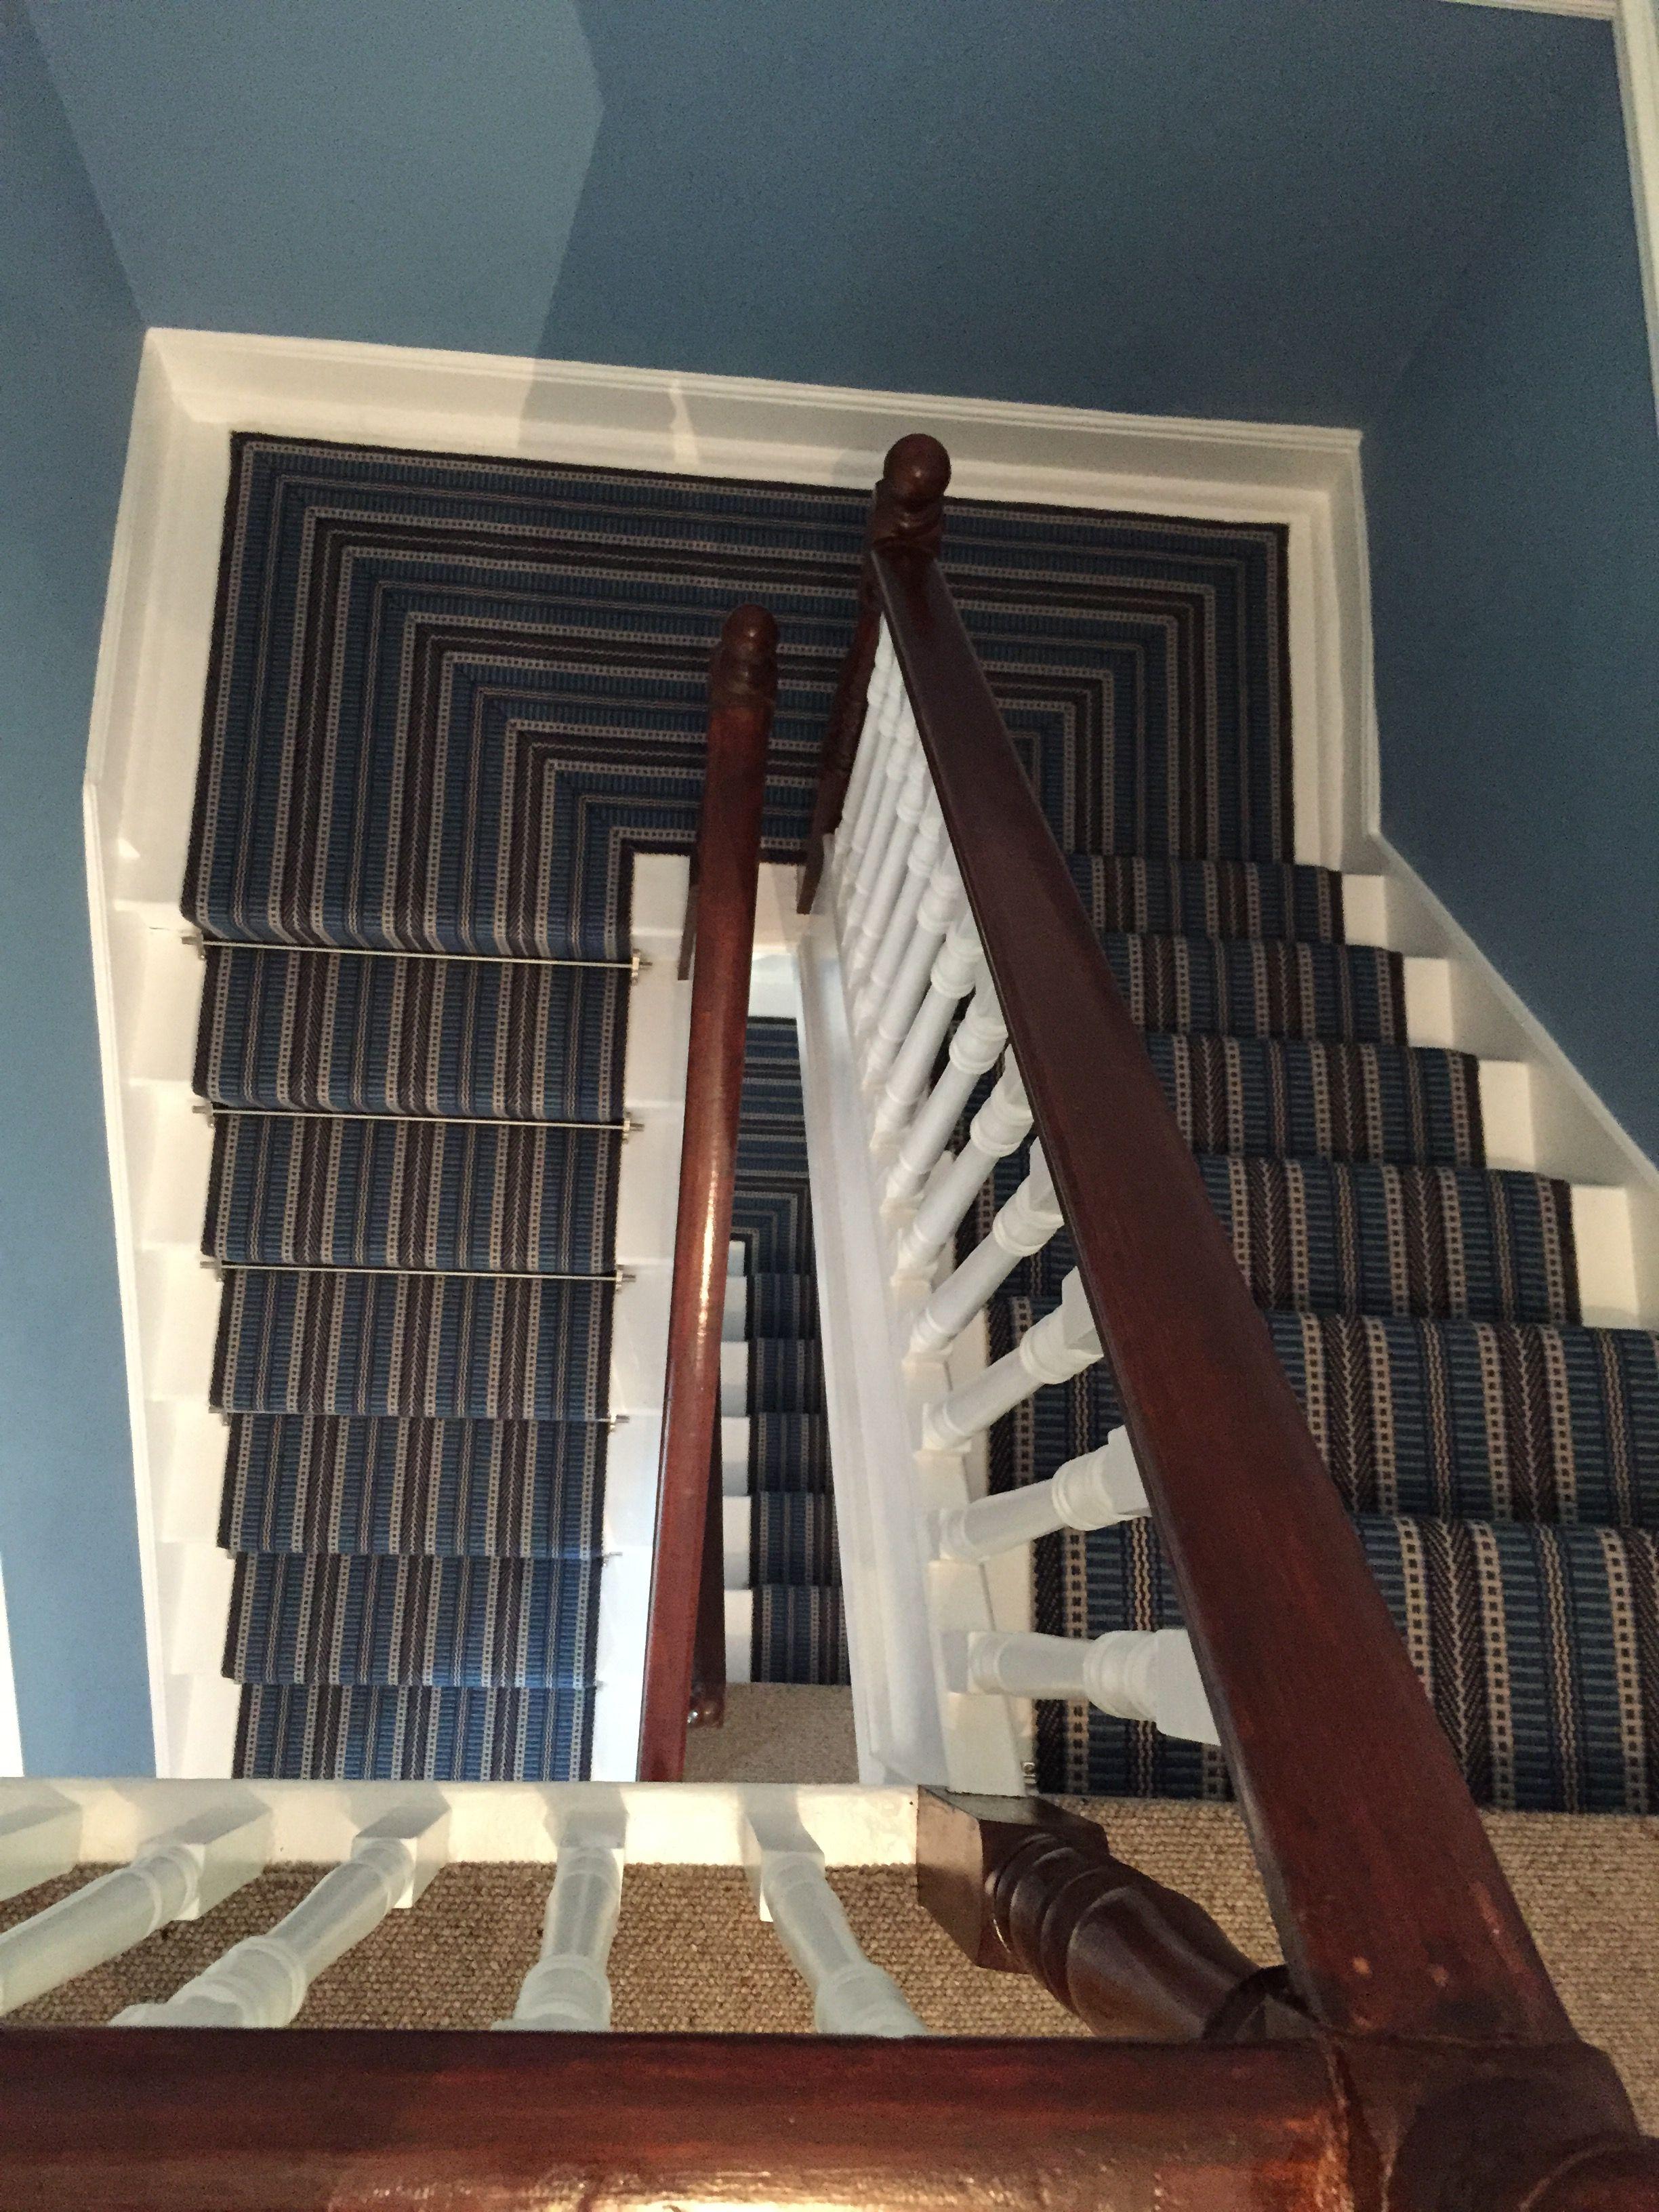 Best Middle Landing And Sds Carpet Genius Carpet Man Simon Has 640 x 480